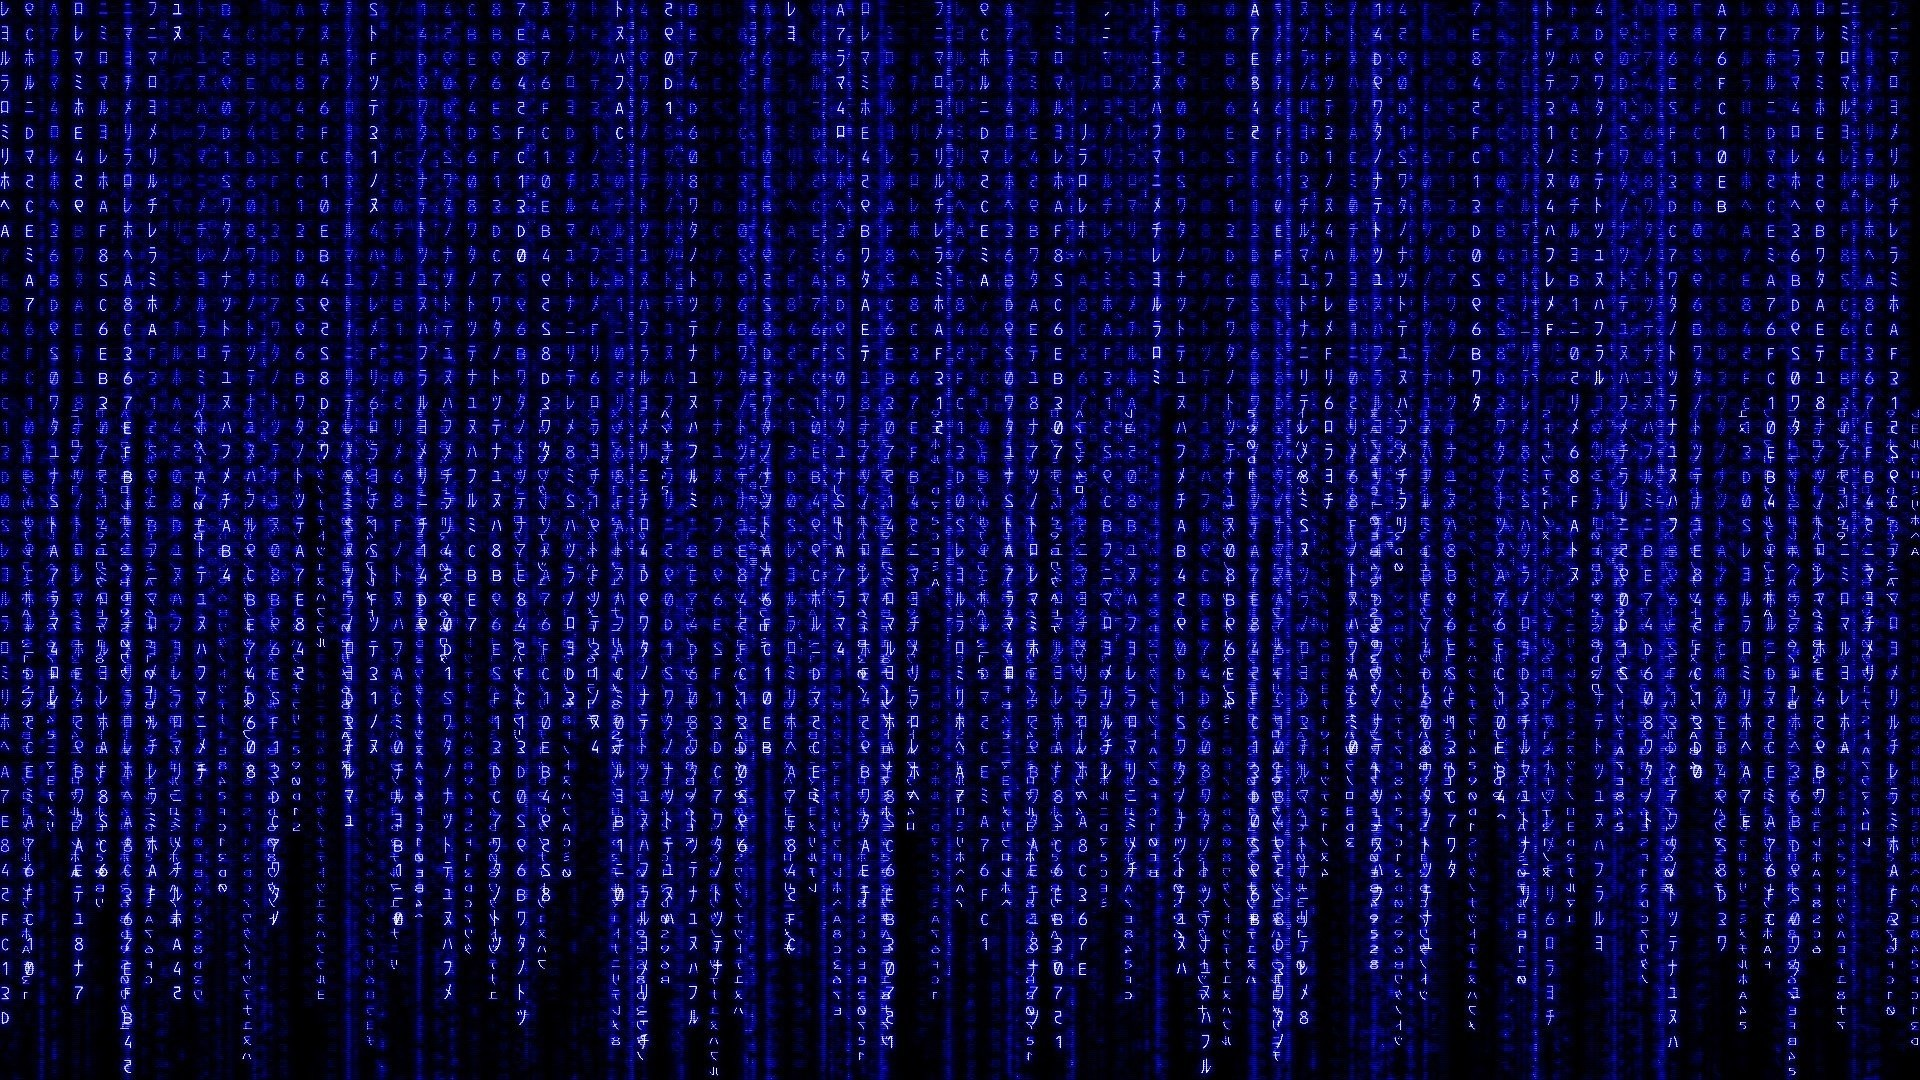 Hd Supreme Wallpaper Matrix Code Wallpaper Hd 65 Images